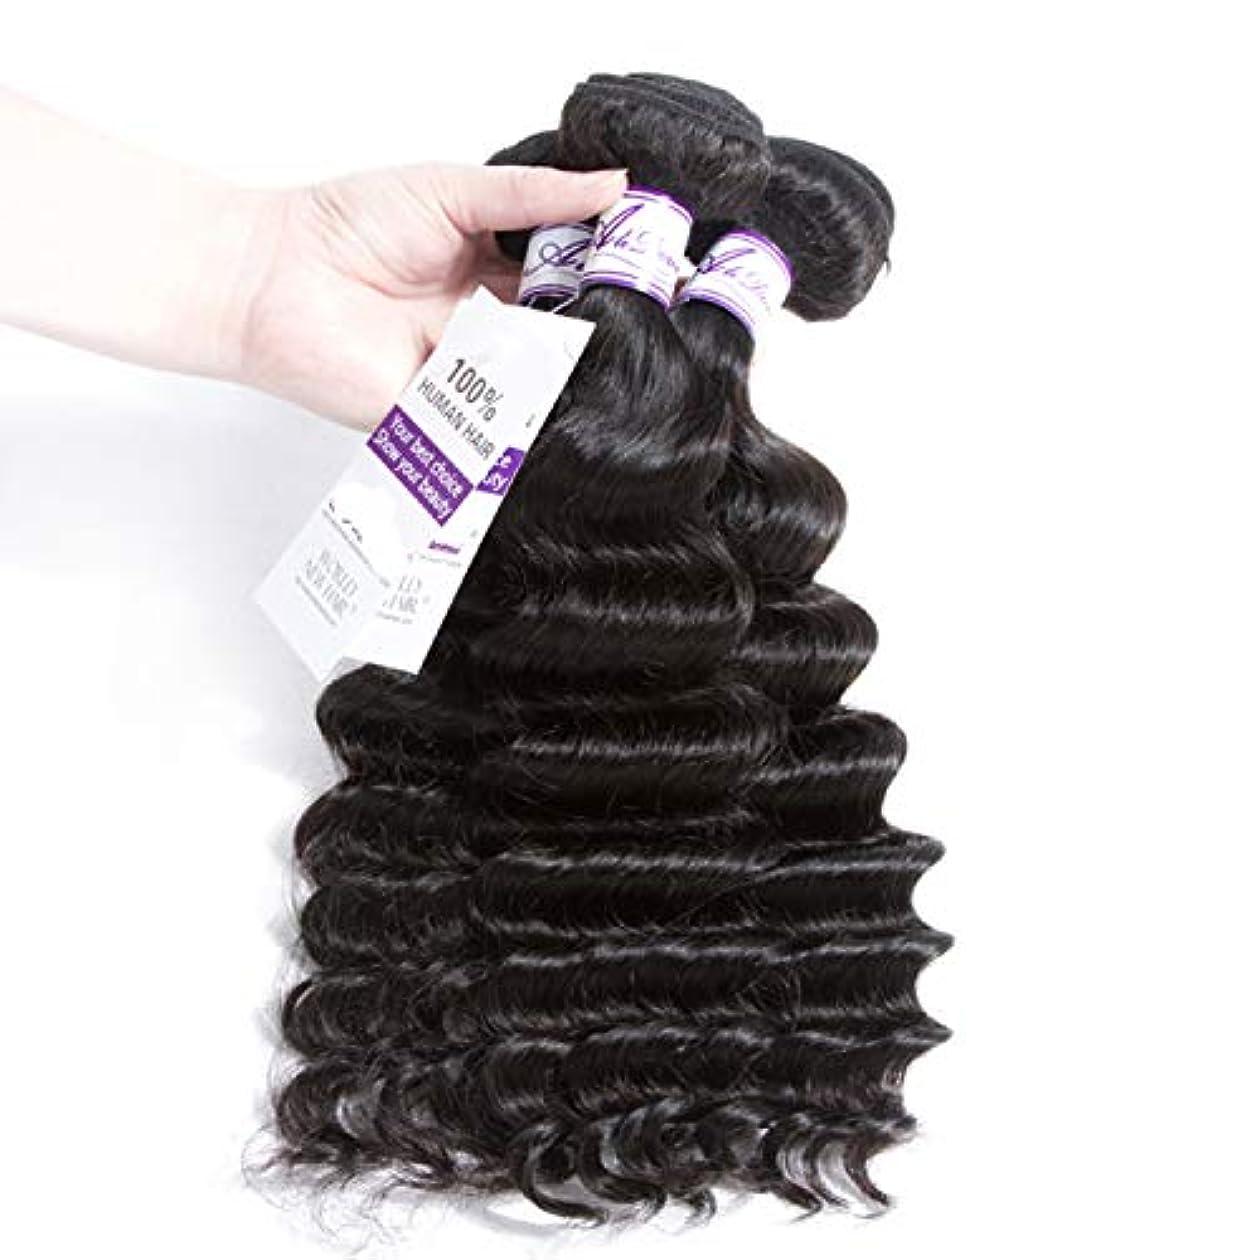 決めます忙しい表現ブラジルルースディープウェーブ3バンドルお得な非Remy人間の髪織りエクステンションナチュラルブラックヘアエクステンション3ピース (Length : 14 16 18)